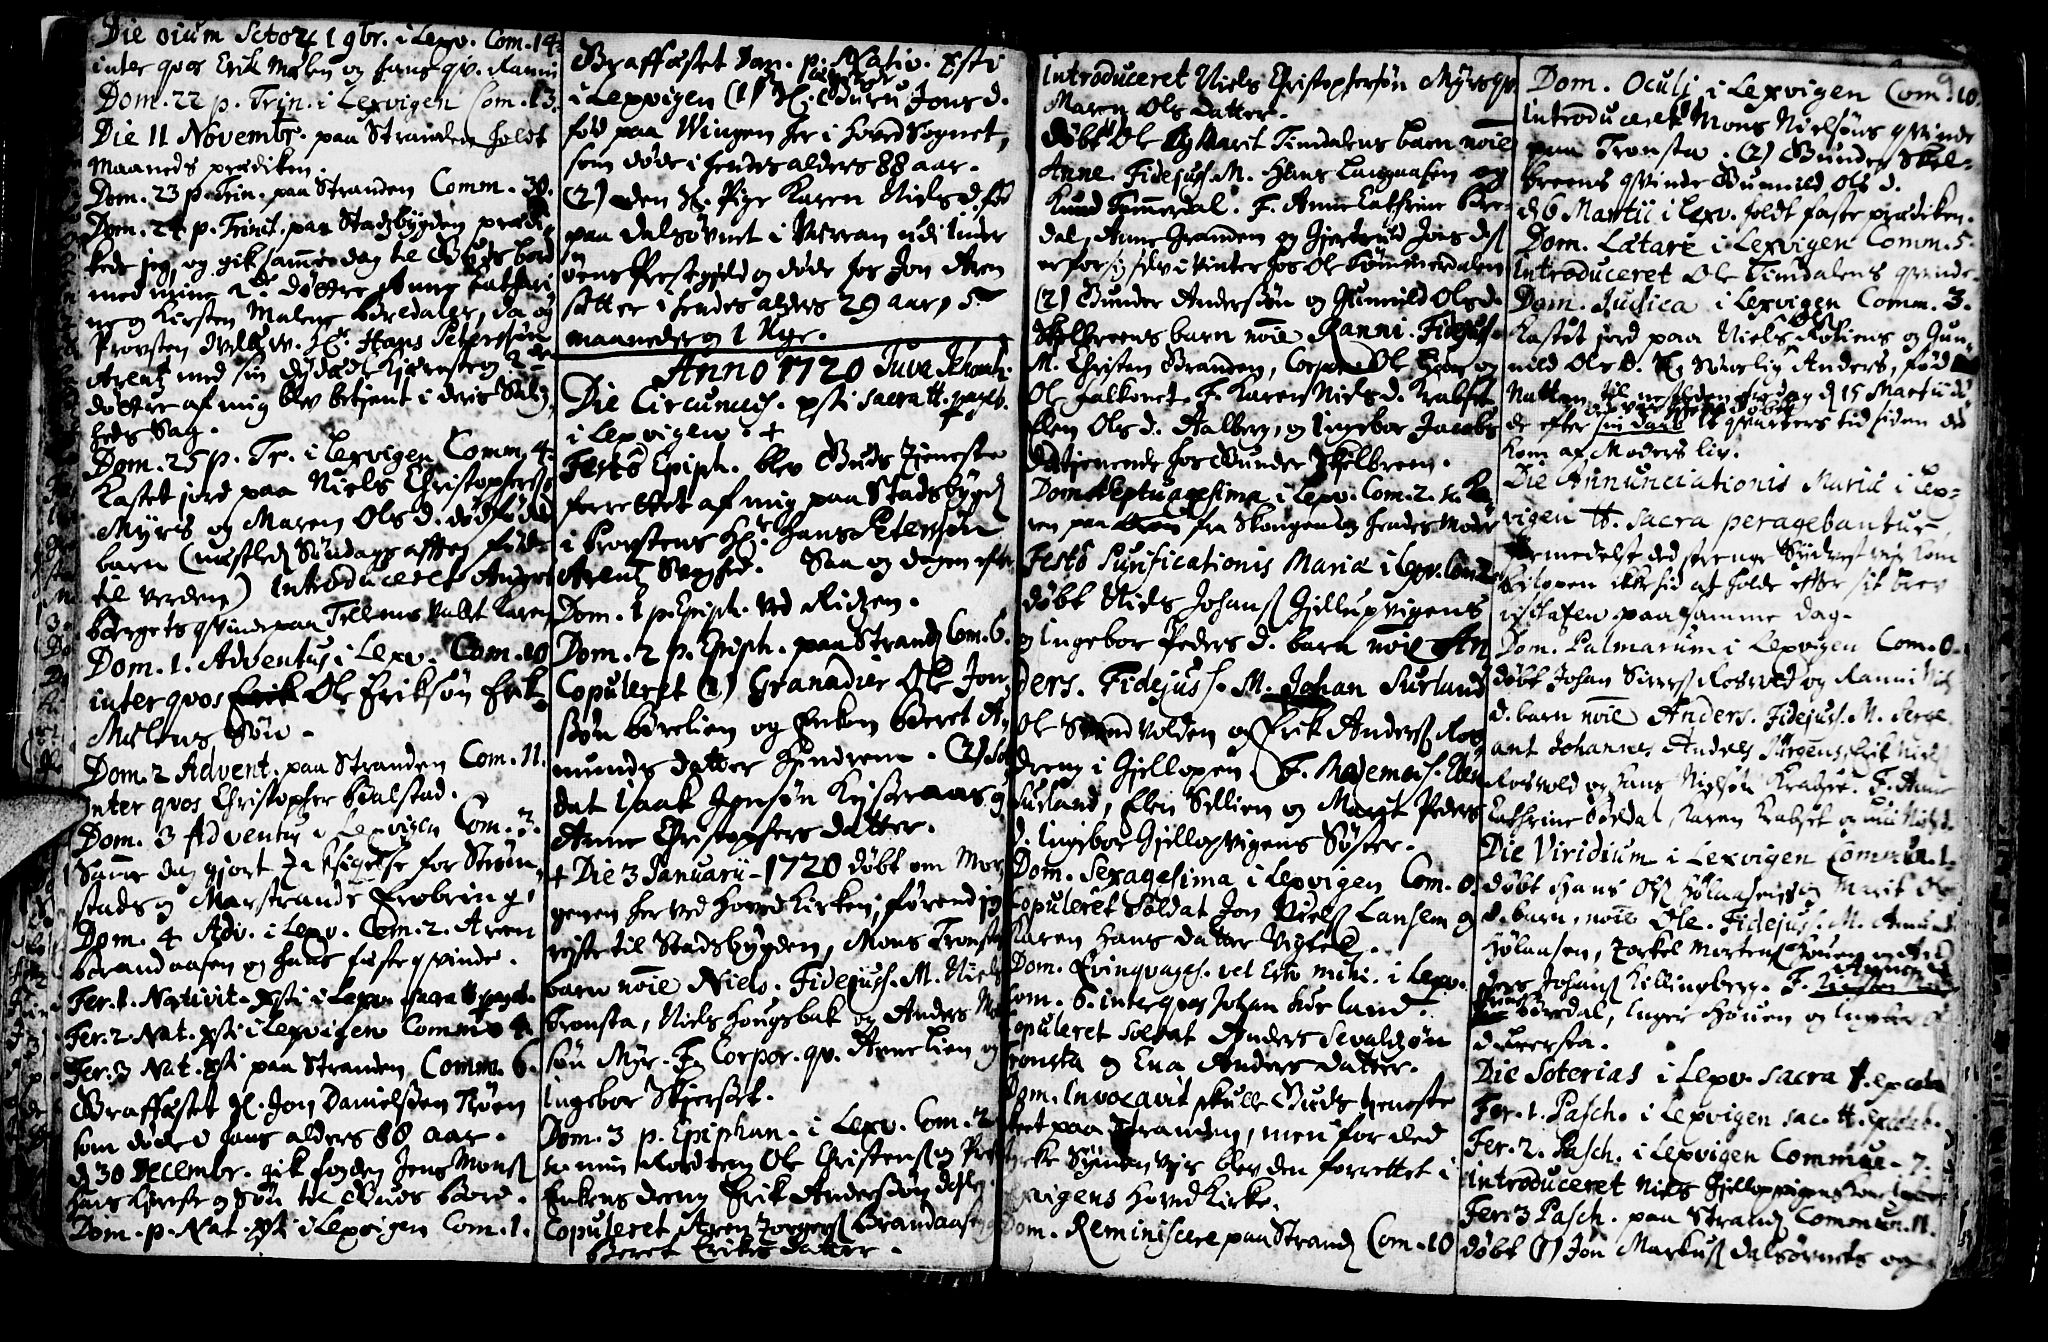 SAT, Ministerialprotokoller, klokkerbøker og fødselsregistre - Nord-Trøndelag, 701/L0001: Ministerialbok nr. 701A01, 1717-1731, s. 9